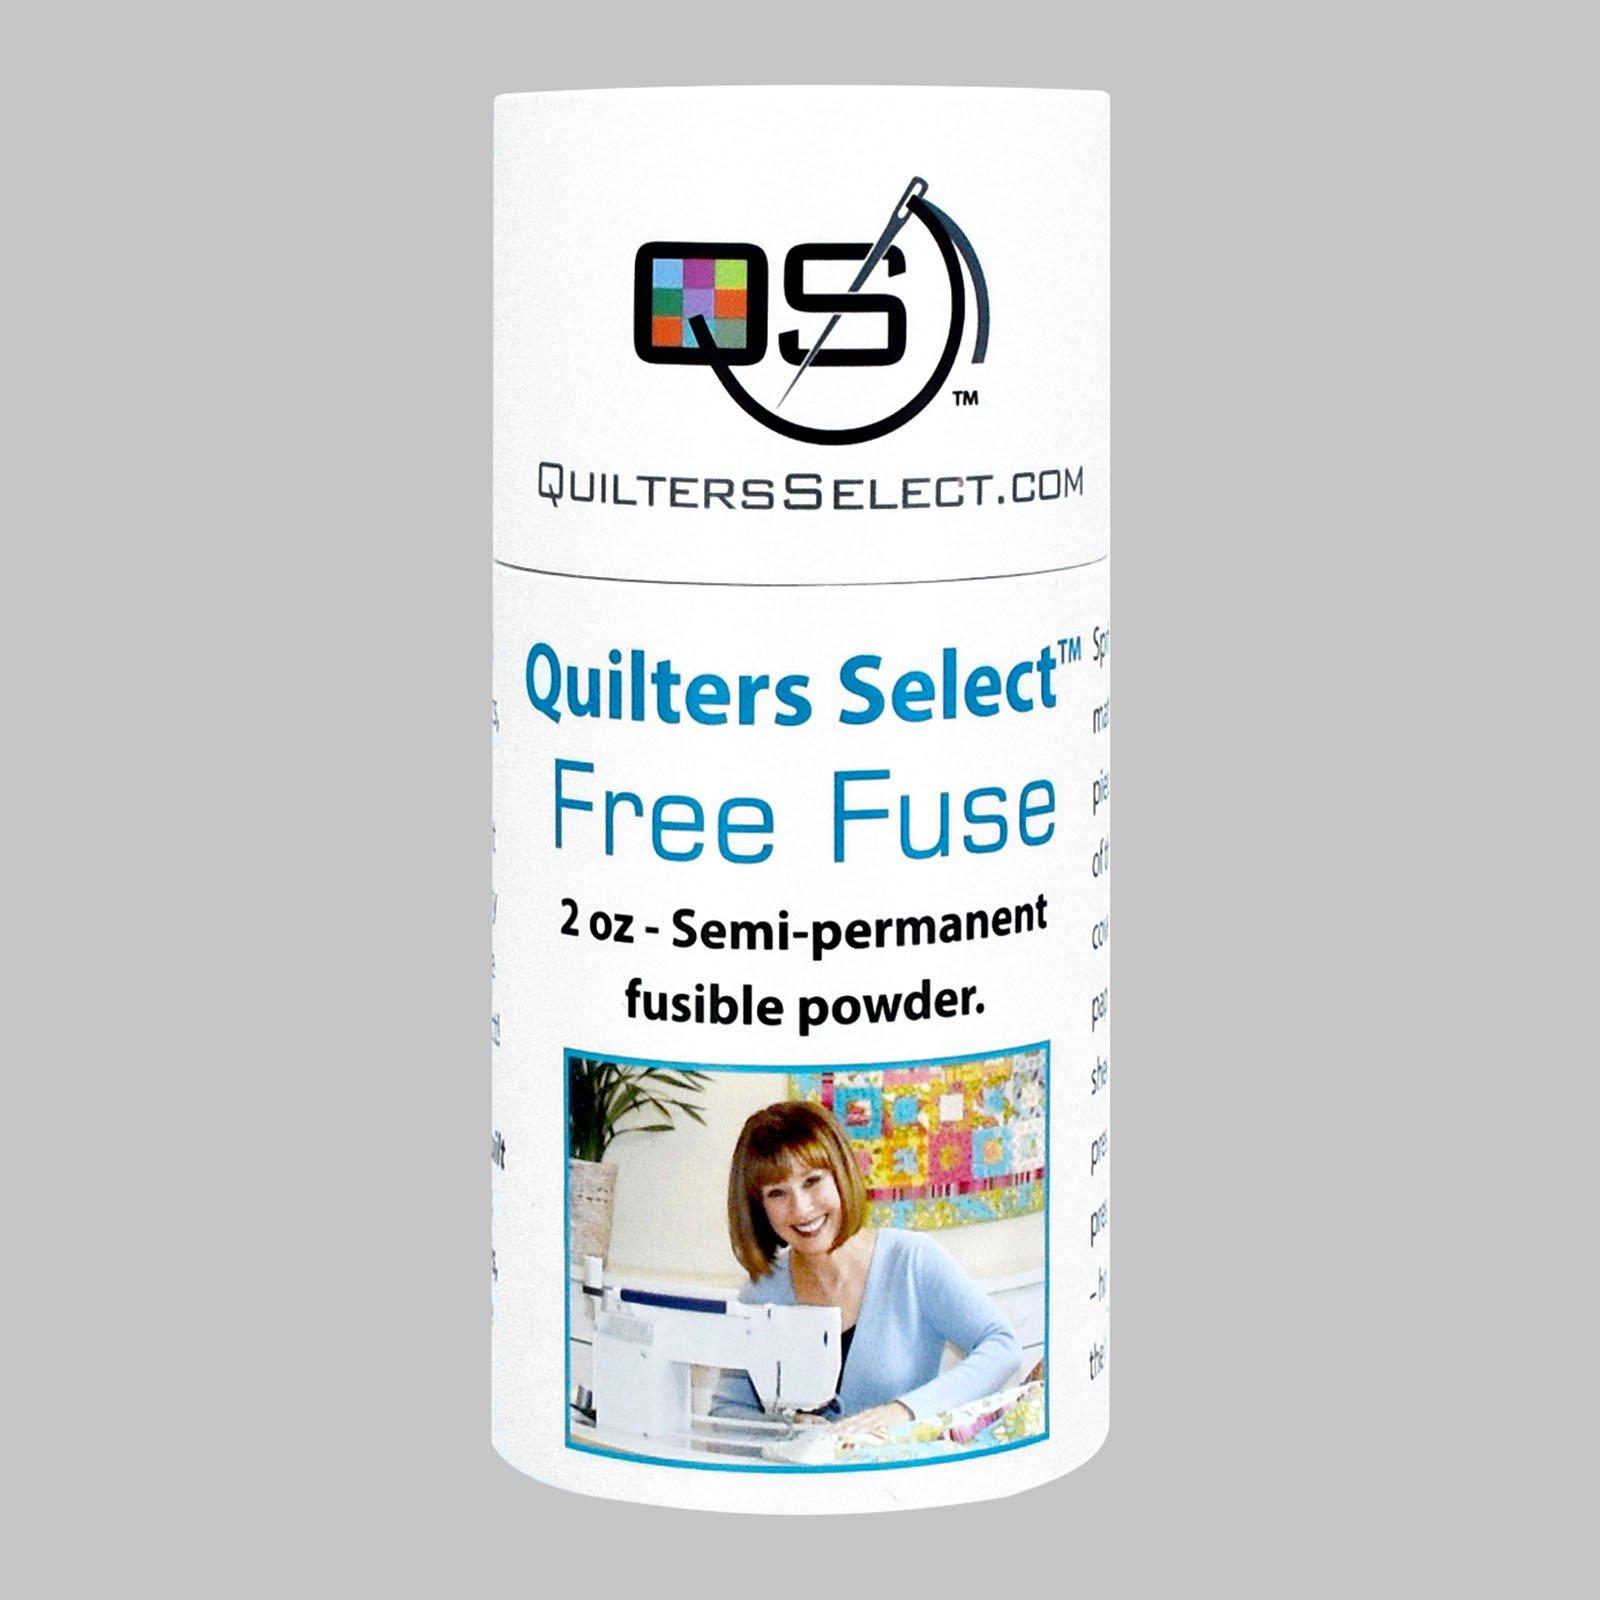 Free Fuse Powder